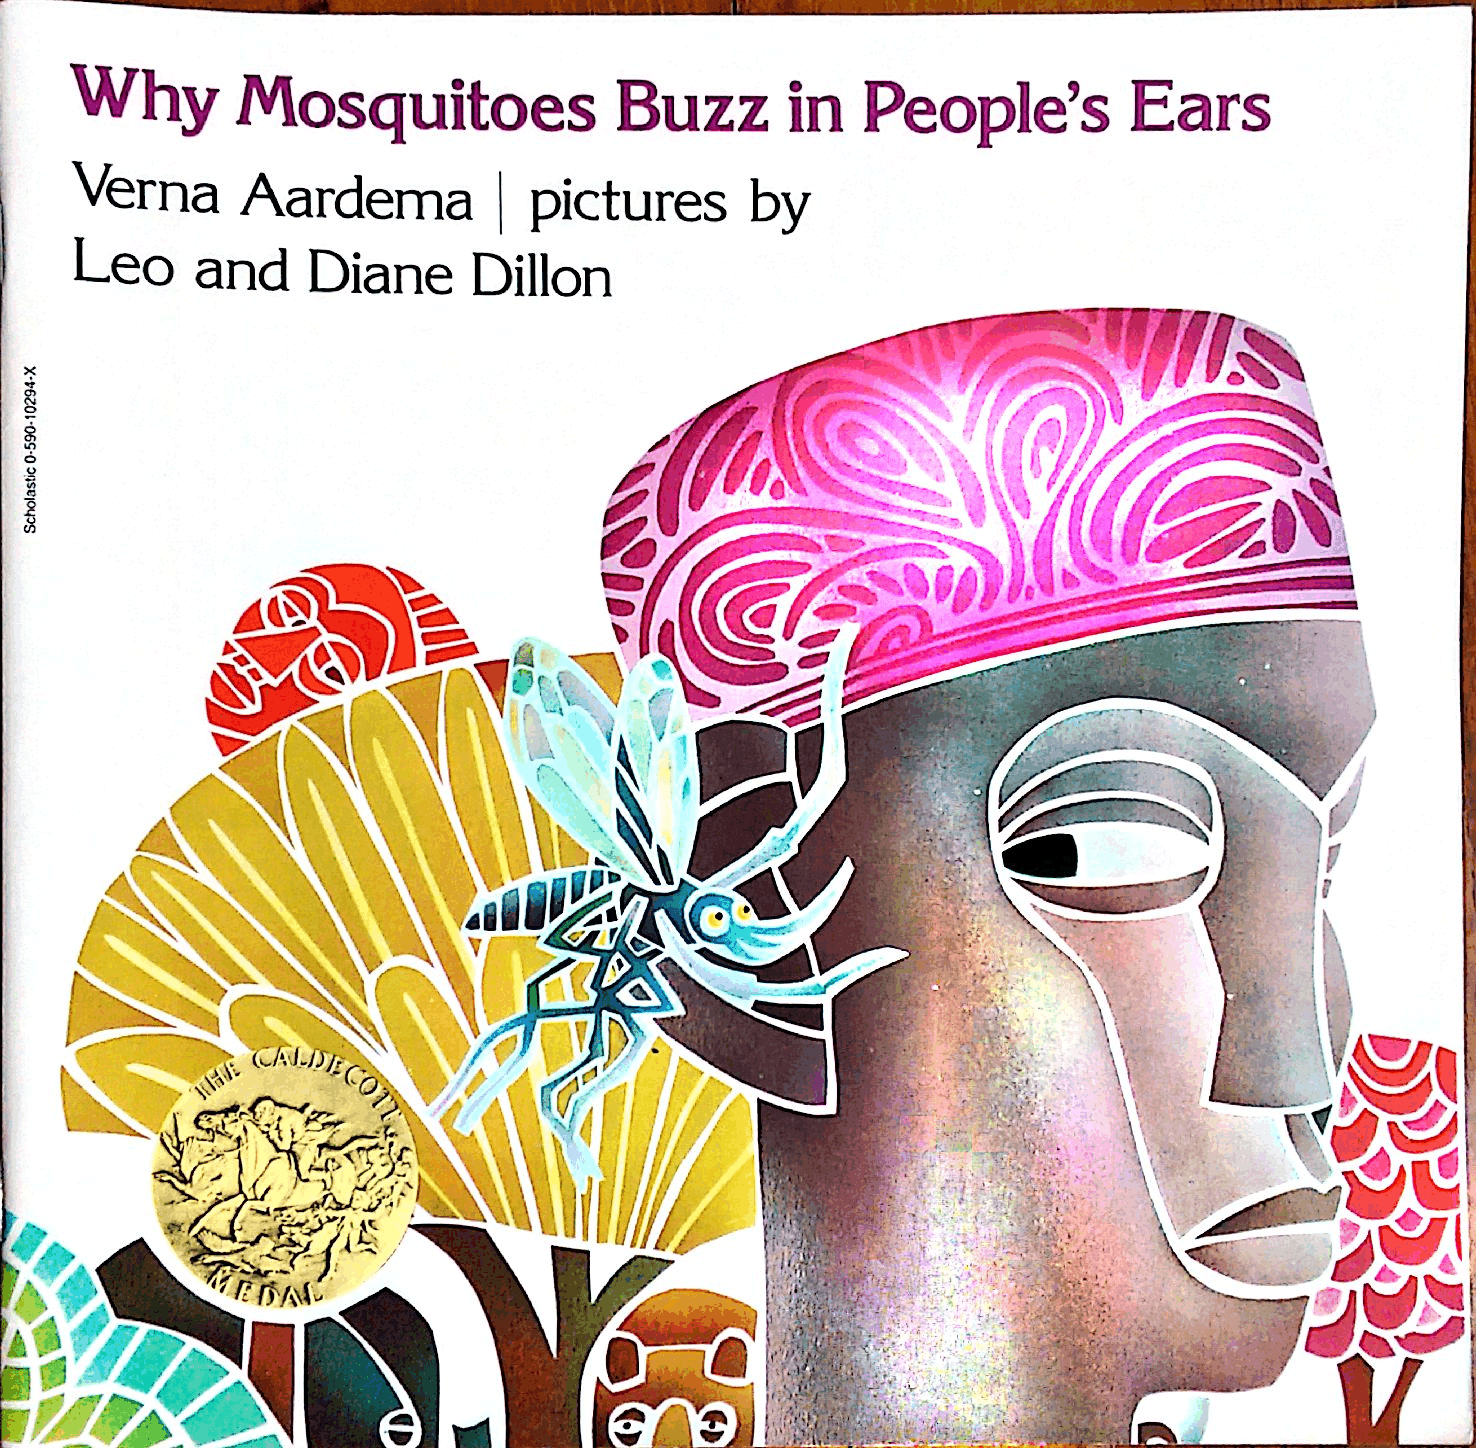 【英桃小玩子】EP23-Why Mosquitoes Buzz in People's Ears為什麼蚊子總在人們耳朵邊嗡嗡叫